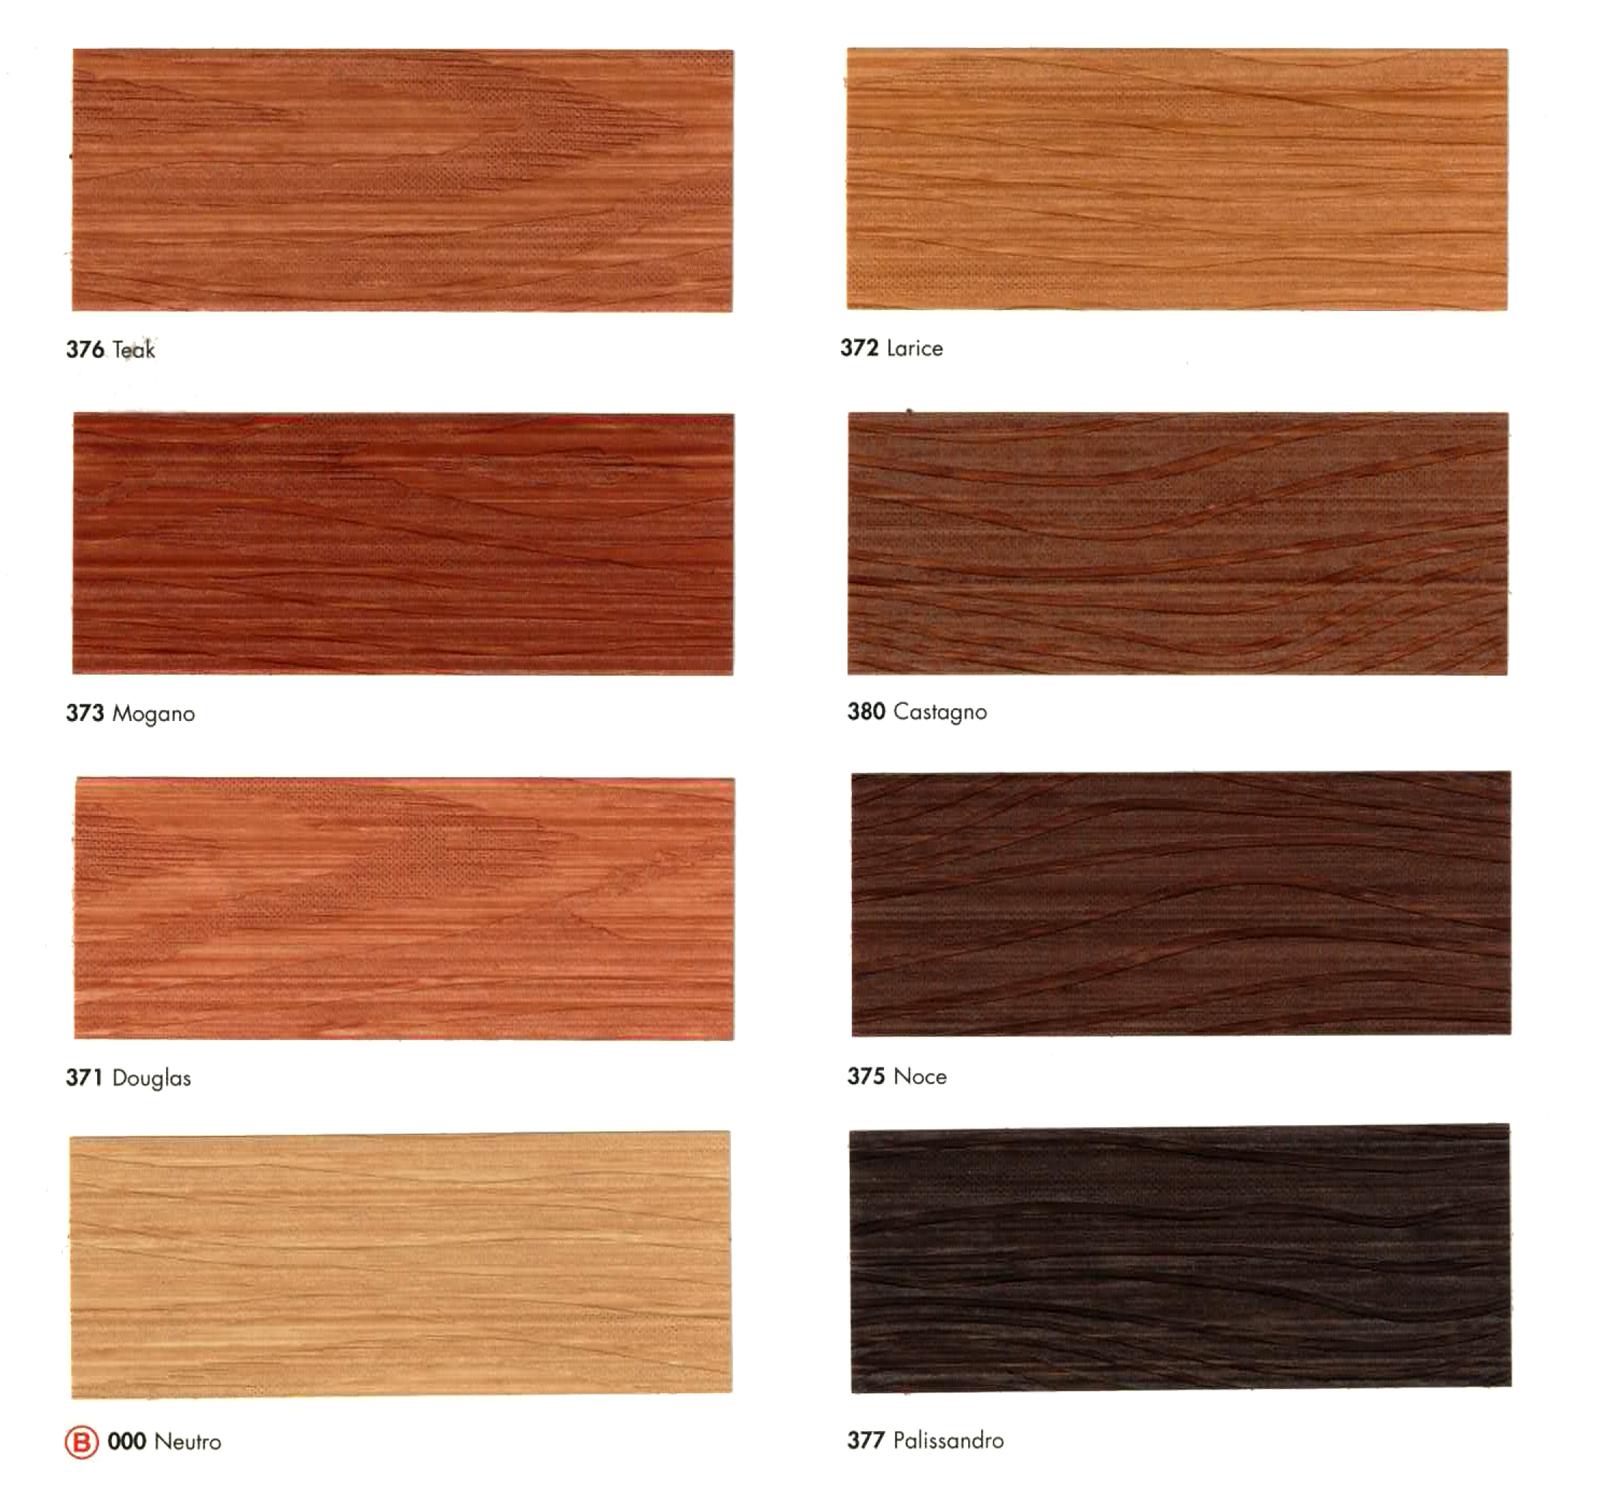 Boero biolegno 0 750 lt tinte cartella impregnante - Colori mobili legno ...